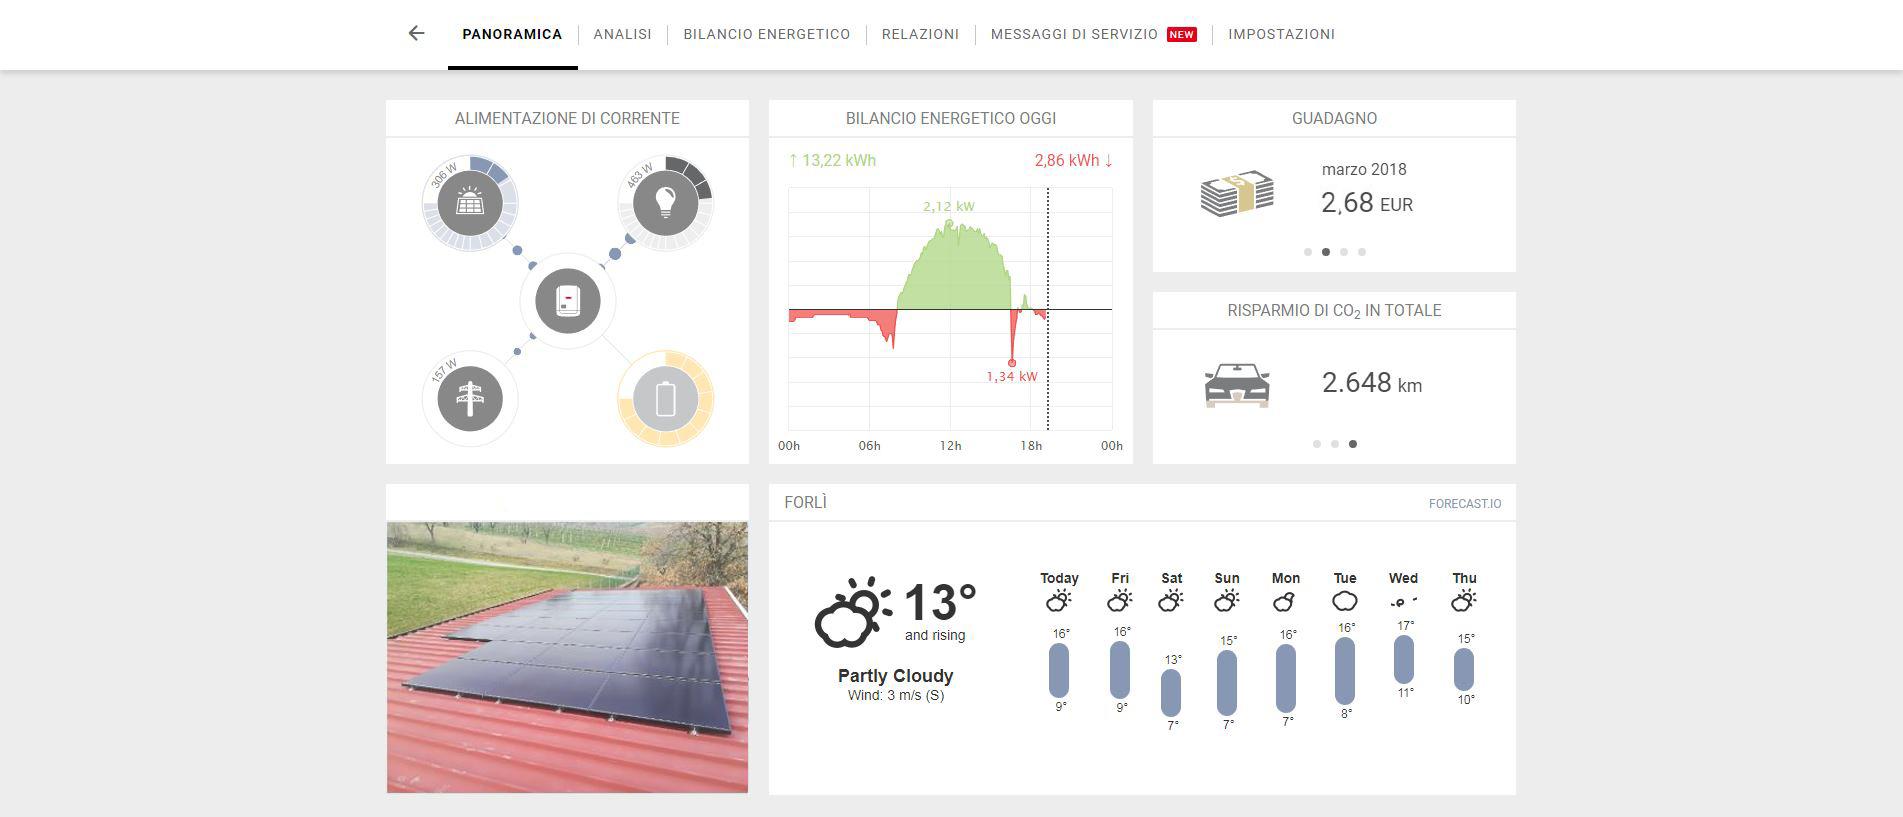 monitoraggio impianti fotovoltaici - soetech.it